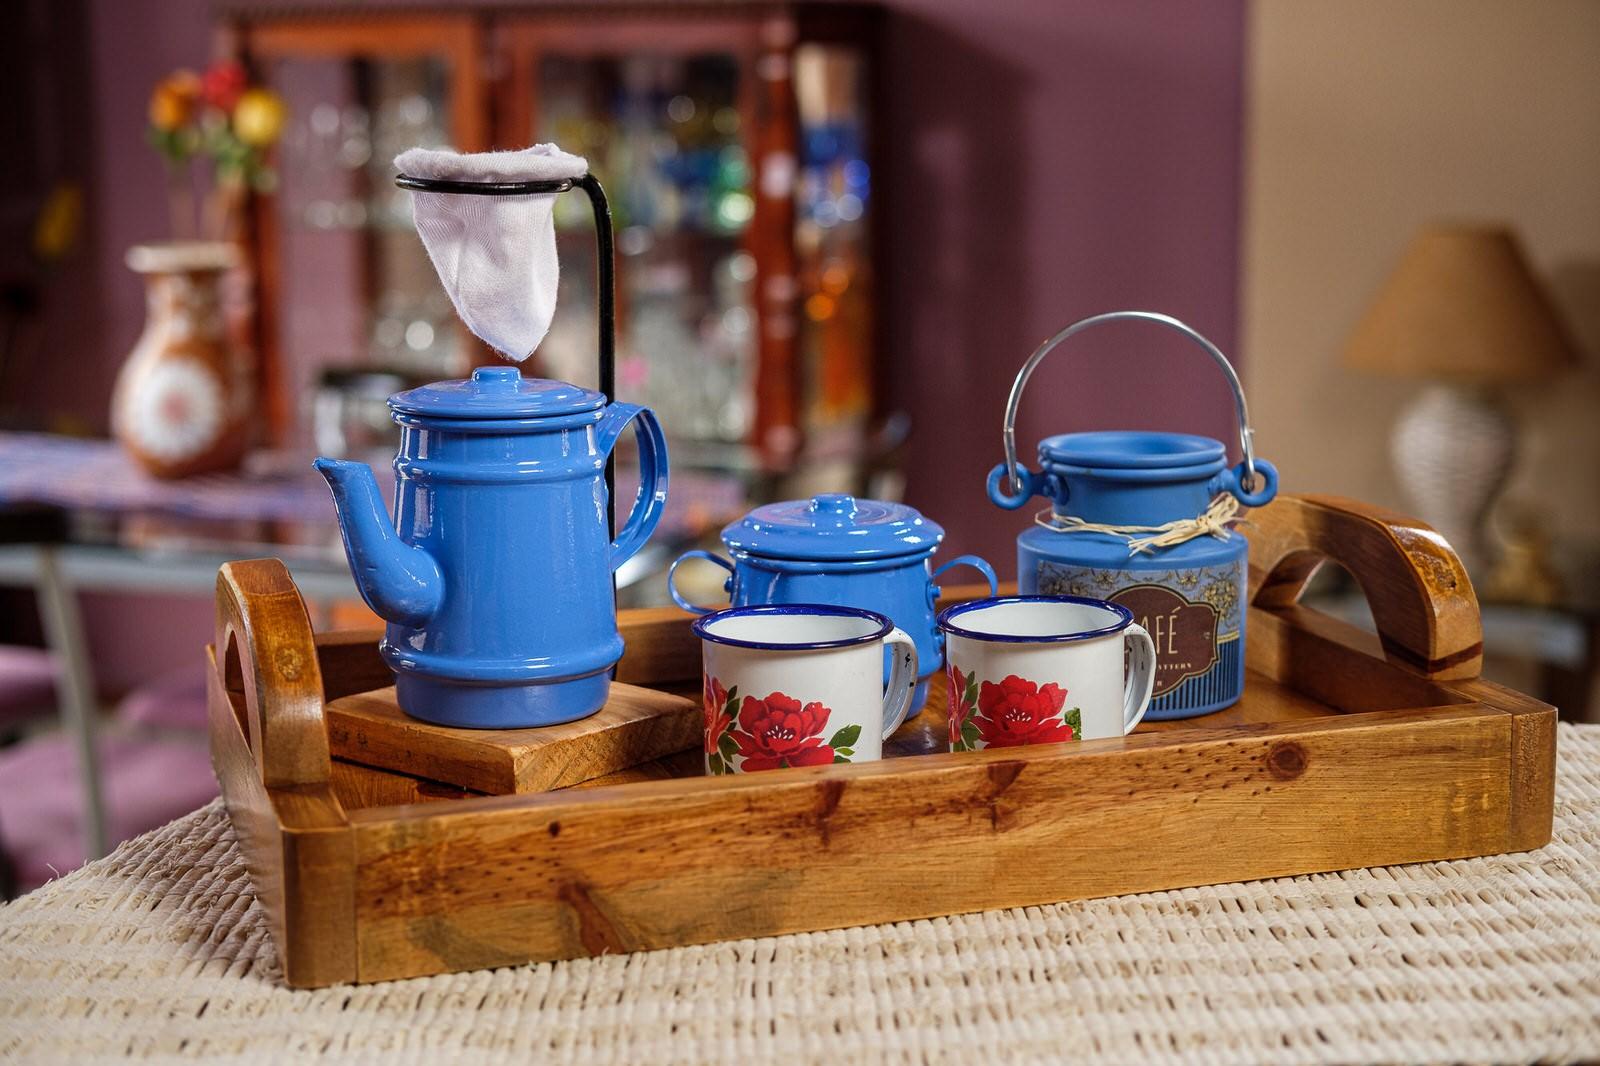 Kit Bandeja + Peças de Café / Azul Claro com Canecas Brancas Floridas